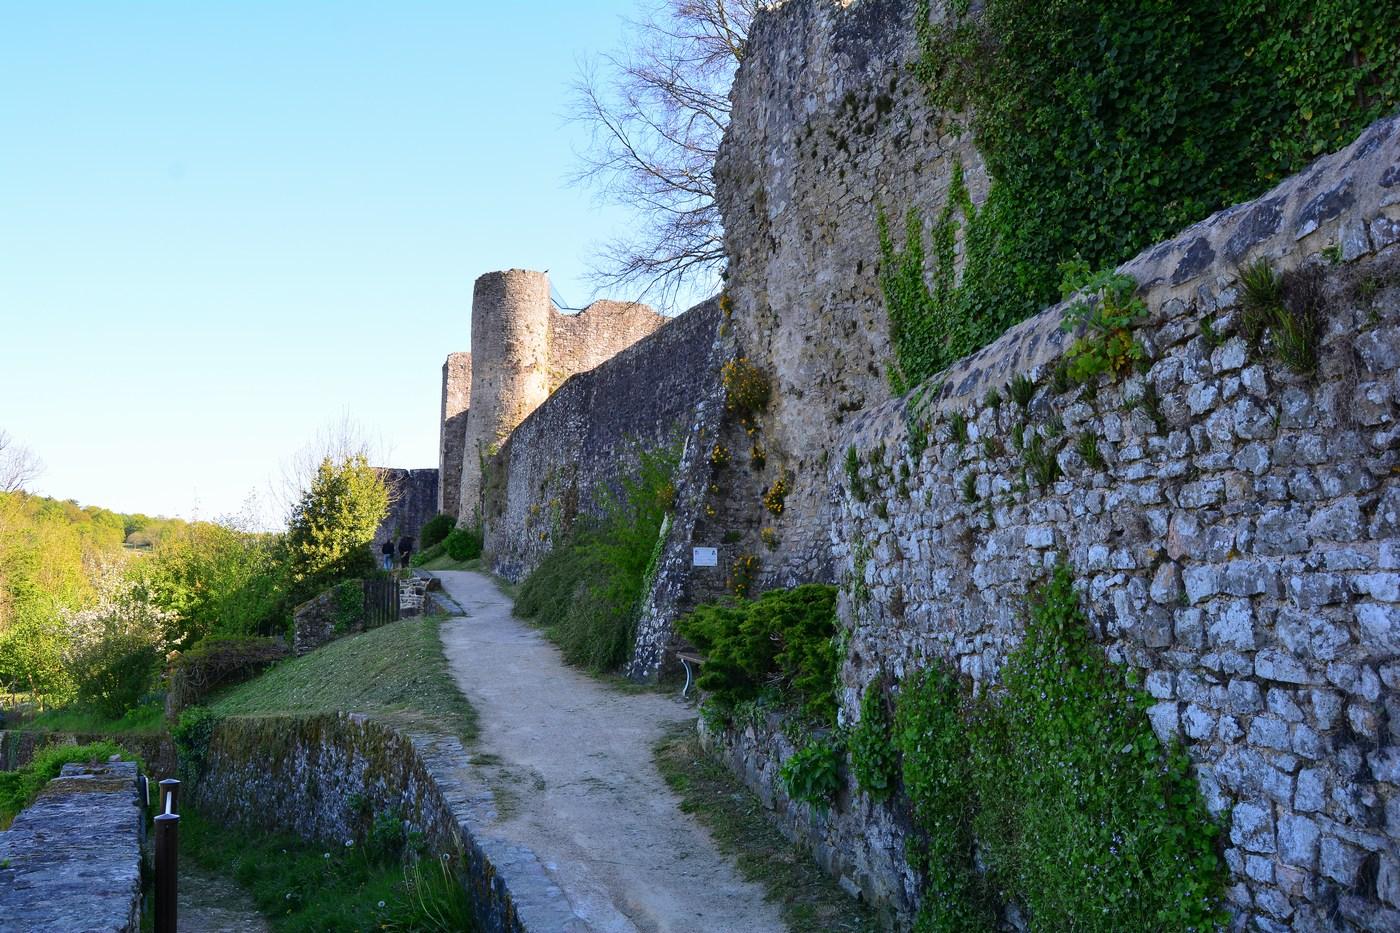 Un petit chemin permet de faire le tour des remparts. Il y avait onze tours au total, entourant un donjon quadrangulaire de trois niveaux. Le nouveau château, lui, fut édifié au XVIIème siècle dans le plus pur style Renaissance, en tuffeau d'Angers.